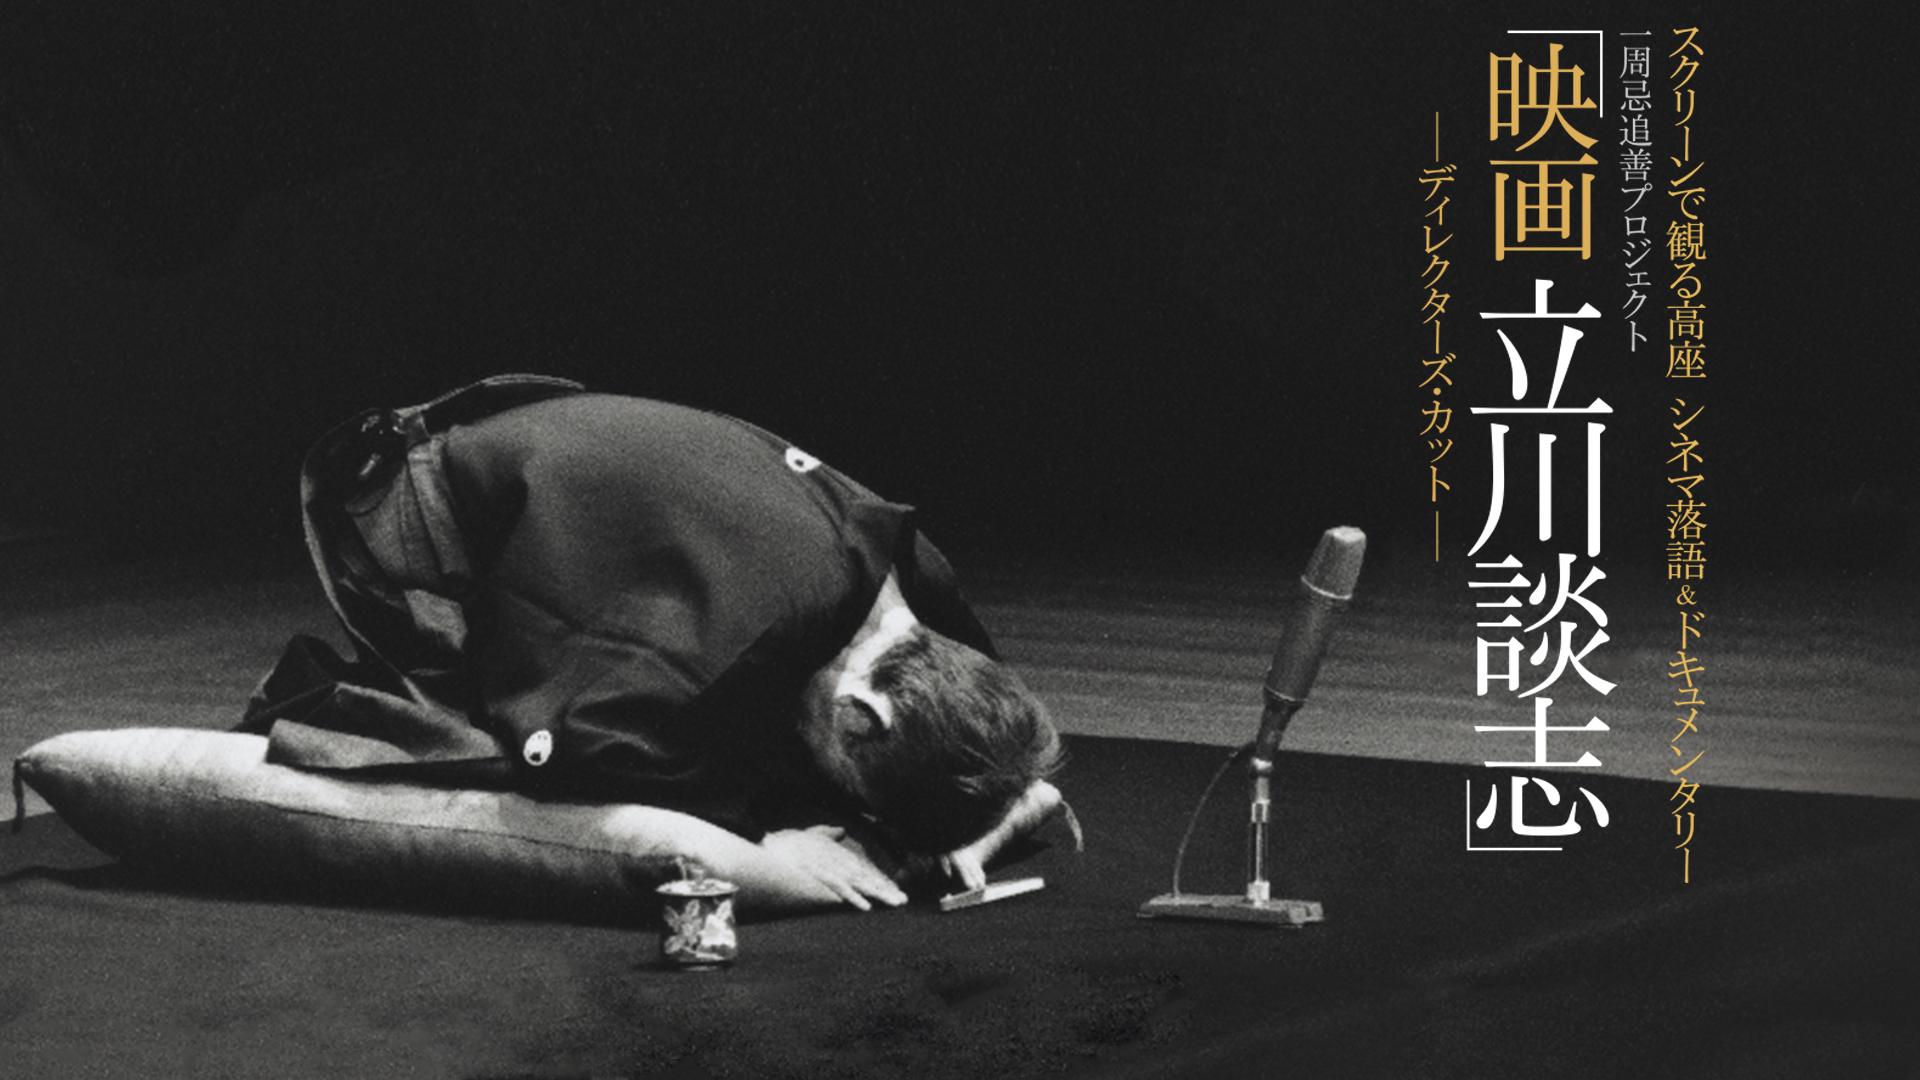 映画 立川談志 ディレクターズ・カット